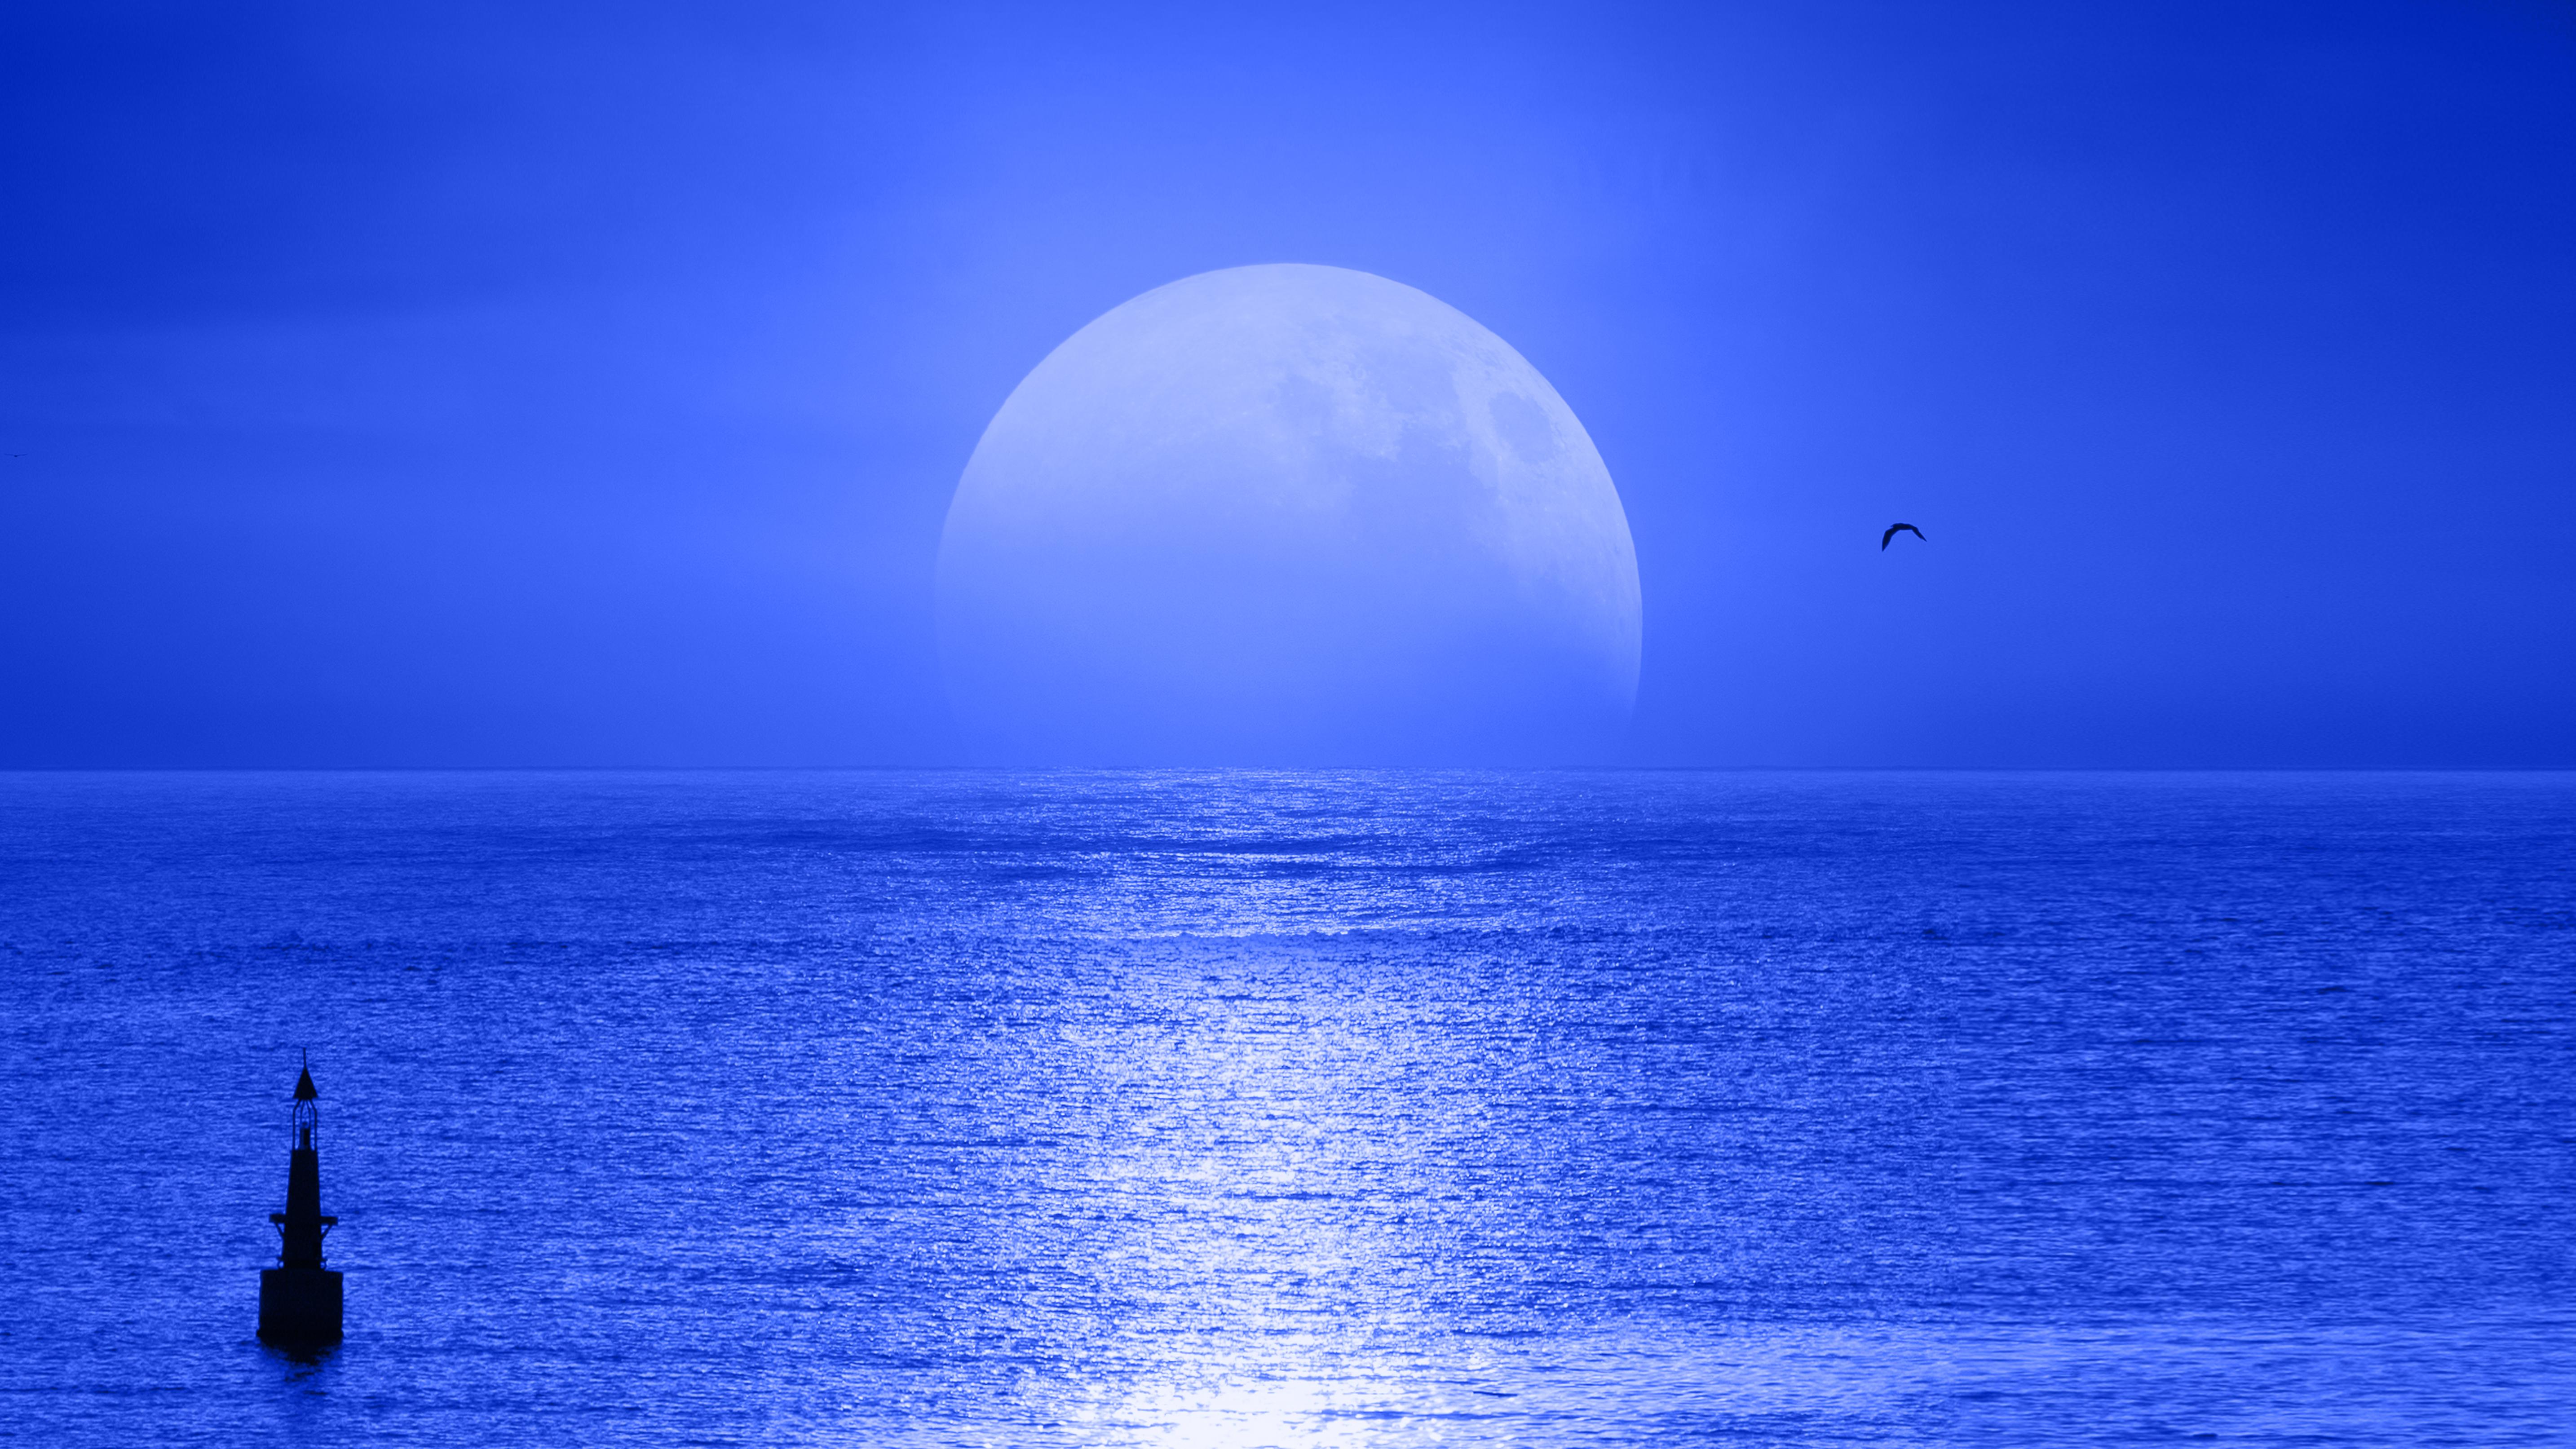 луна над водой картинка которыми обладало животное